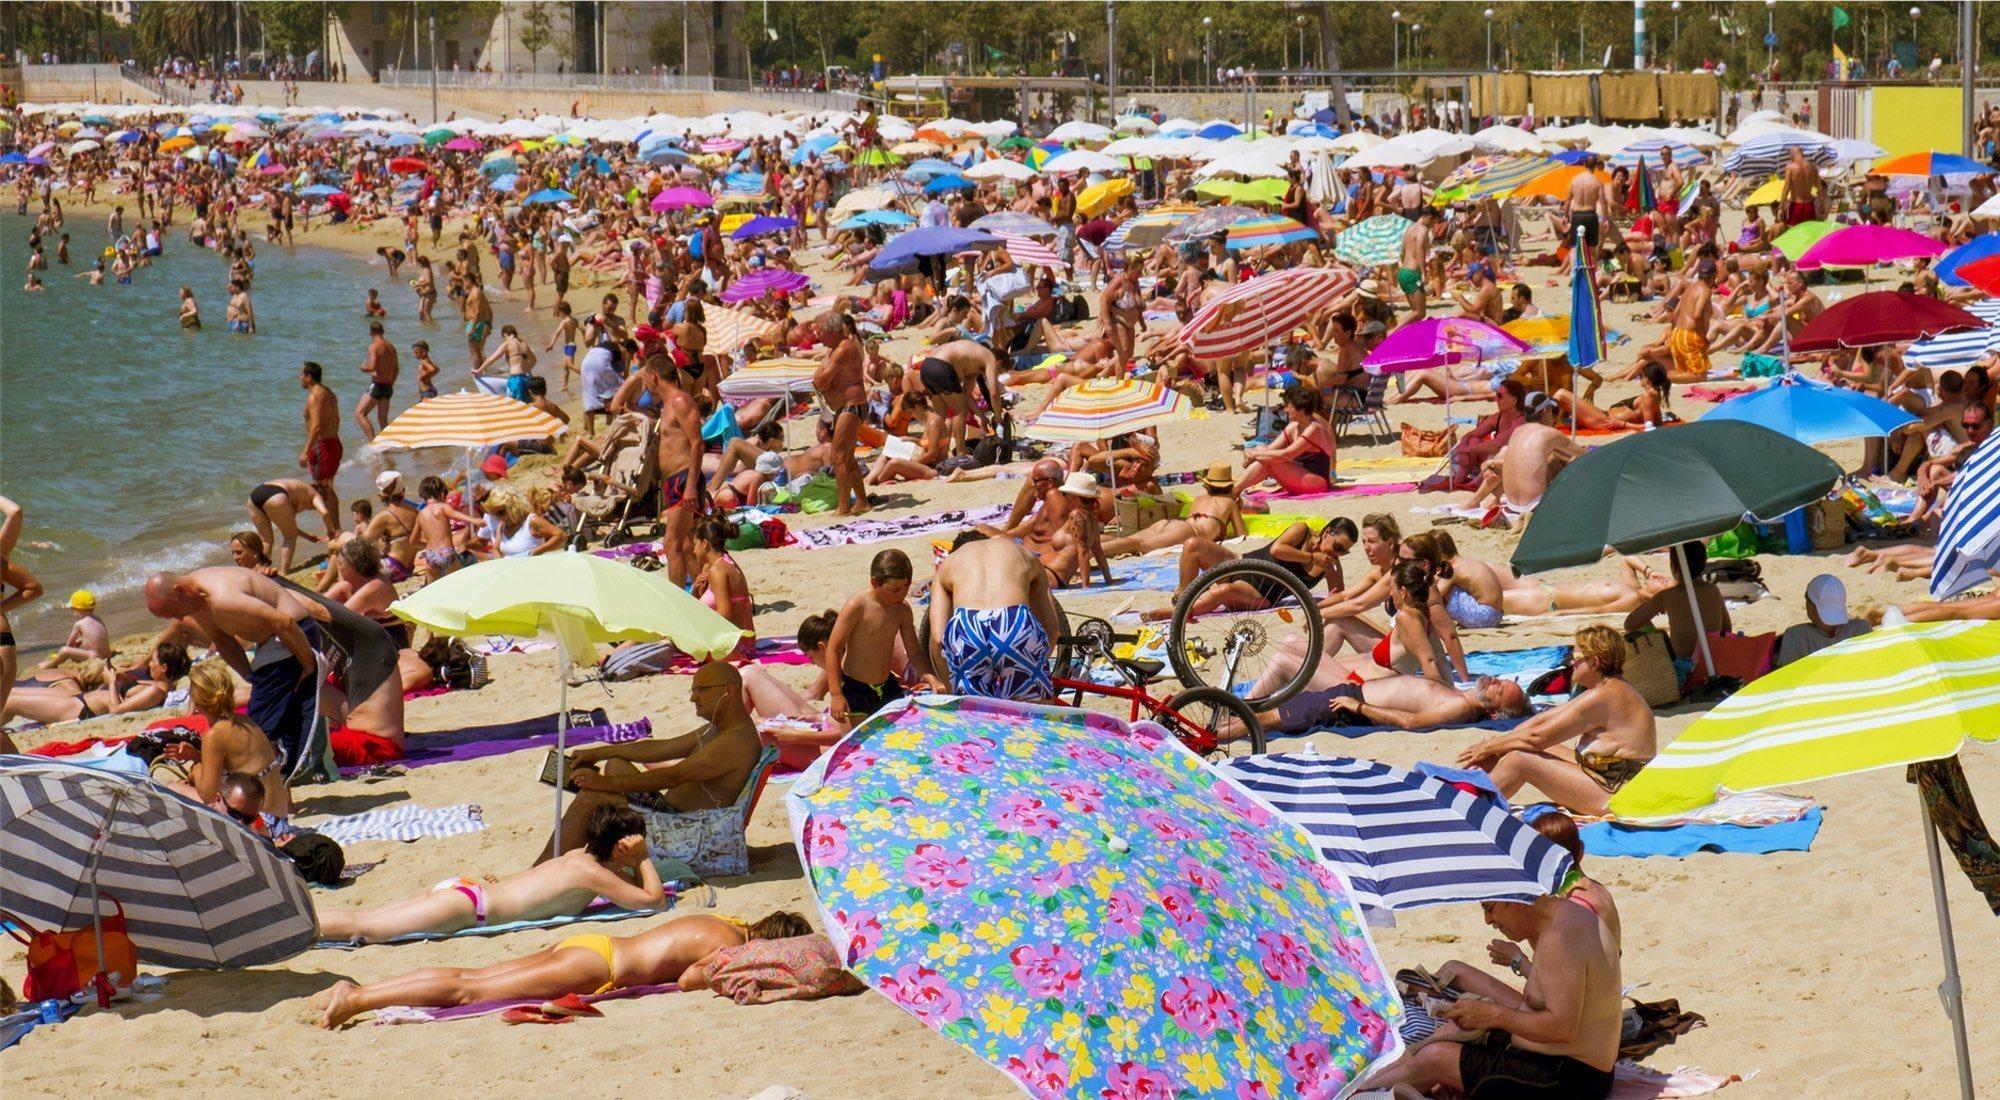 La odisea de un día en la playa: los problemas que surgen